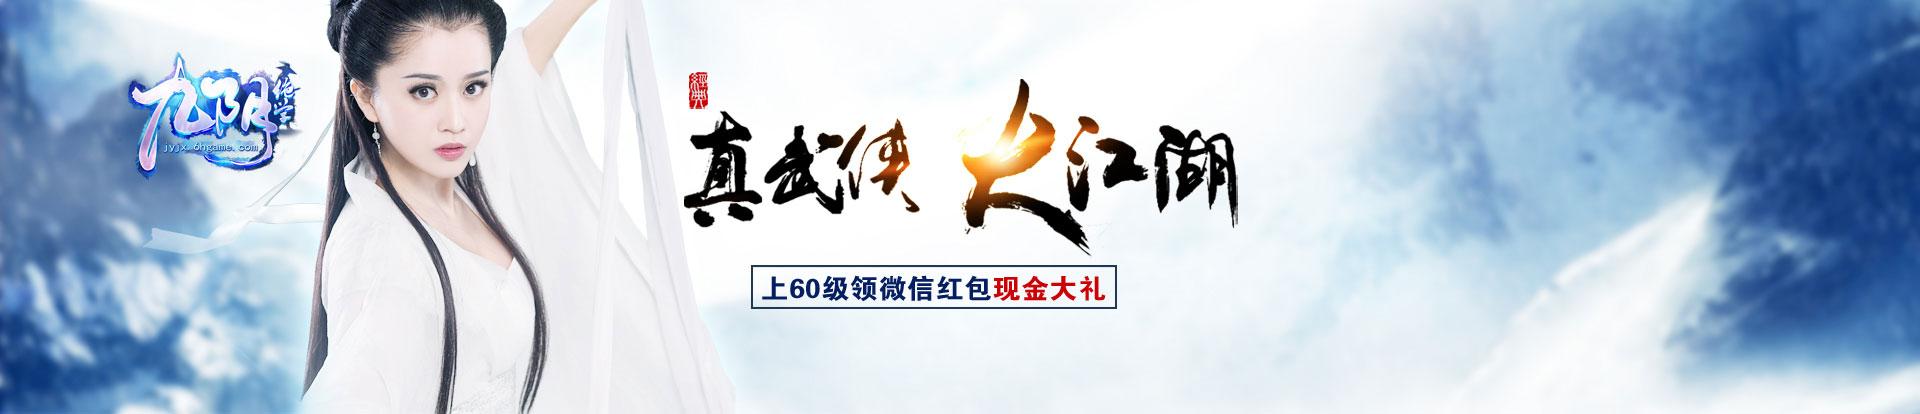 九阴绝学官网游戏平台